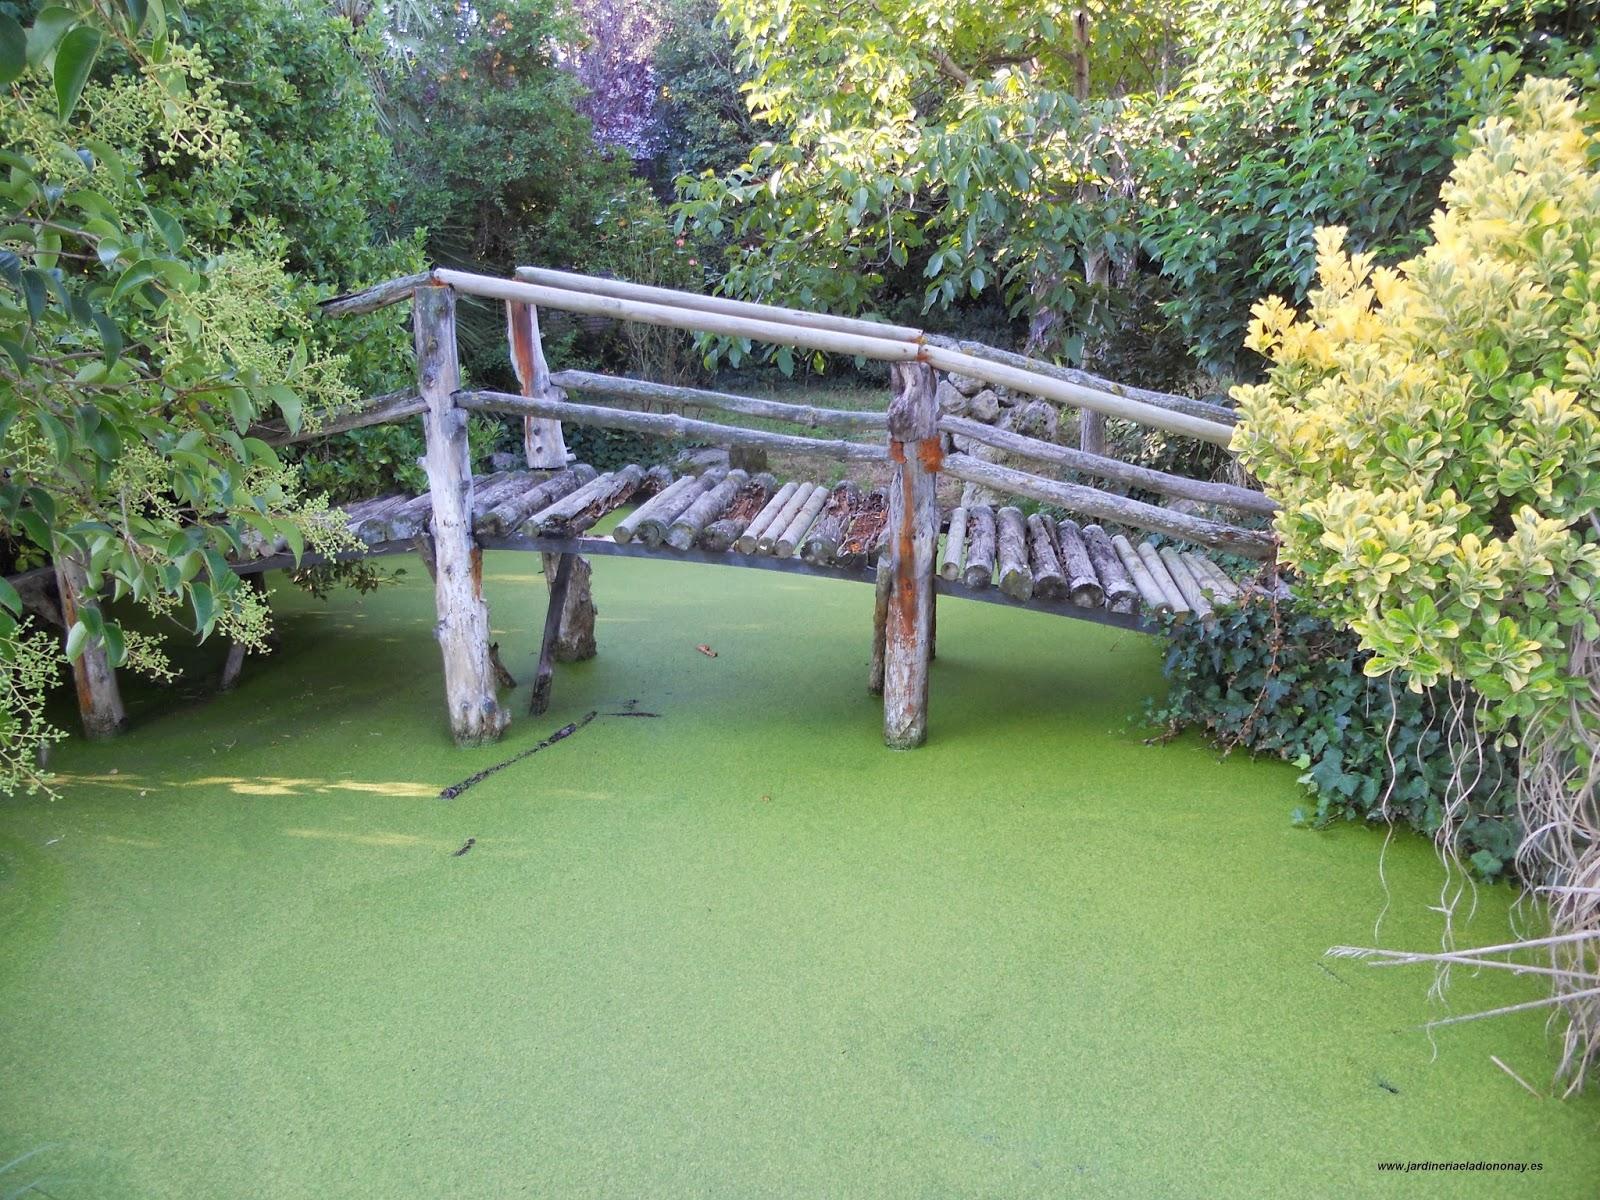 Jardineria eladio nonay limpieza de estanque jardiner a for Que significa estanque